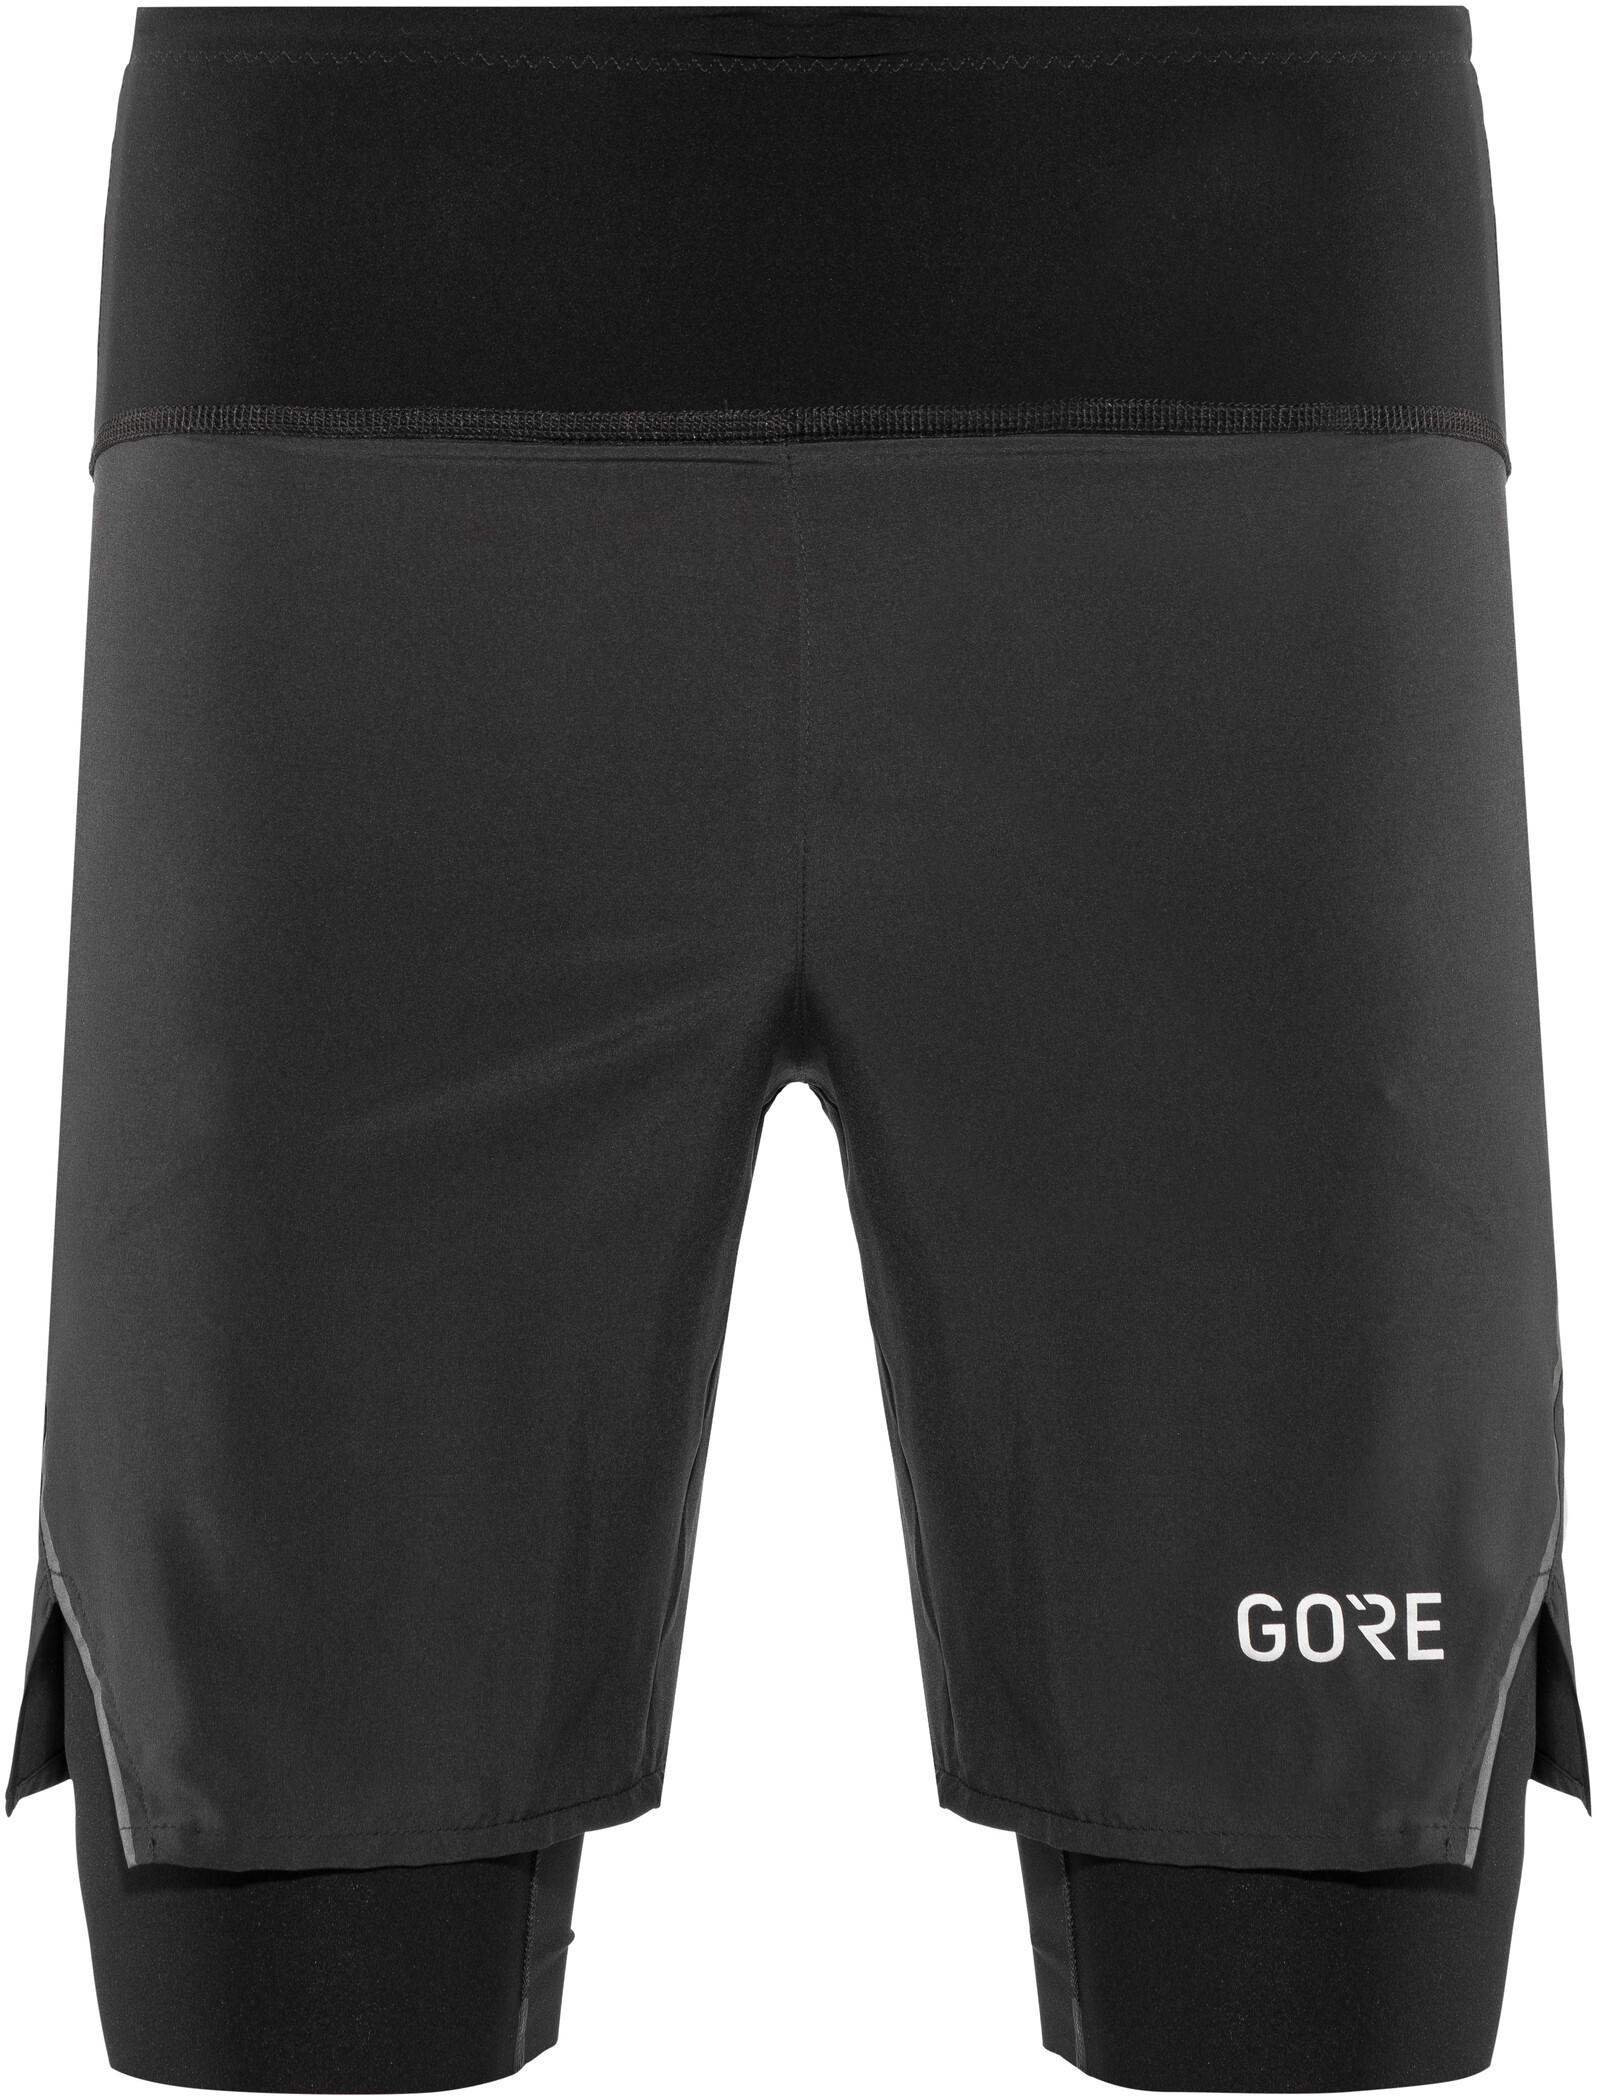 GORE WEAR R7 Løbeshorts Herrer, black (2019) | Trousers